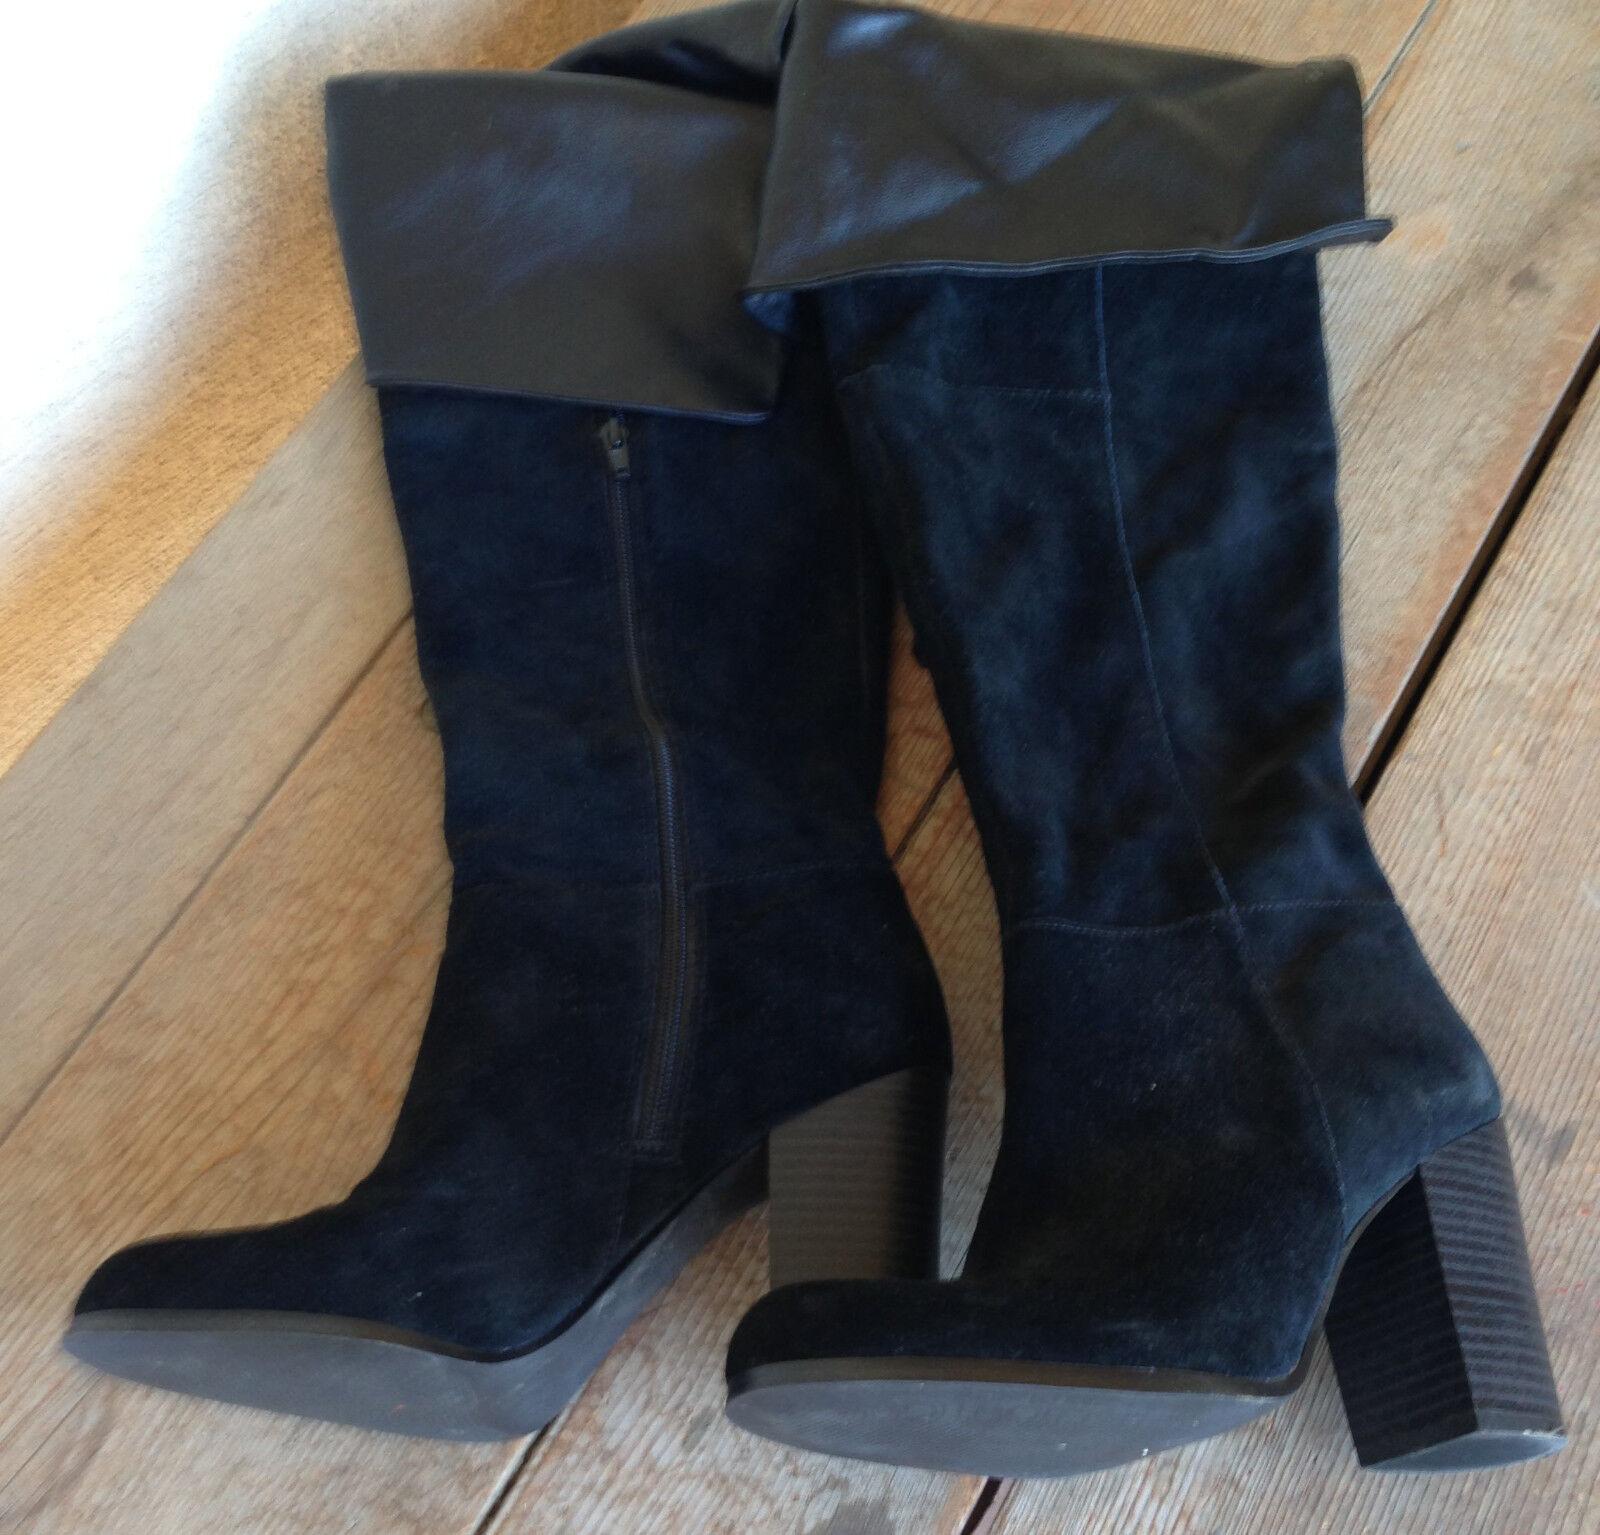 Se Boutique encima de la rodilla Negro Gamuza Pirata Pirata Pirata botas 8 para mujer Zip dentro de 3,5  del talón  la calidad primero los consumidores primero